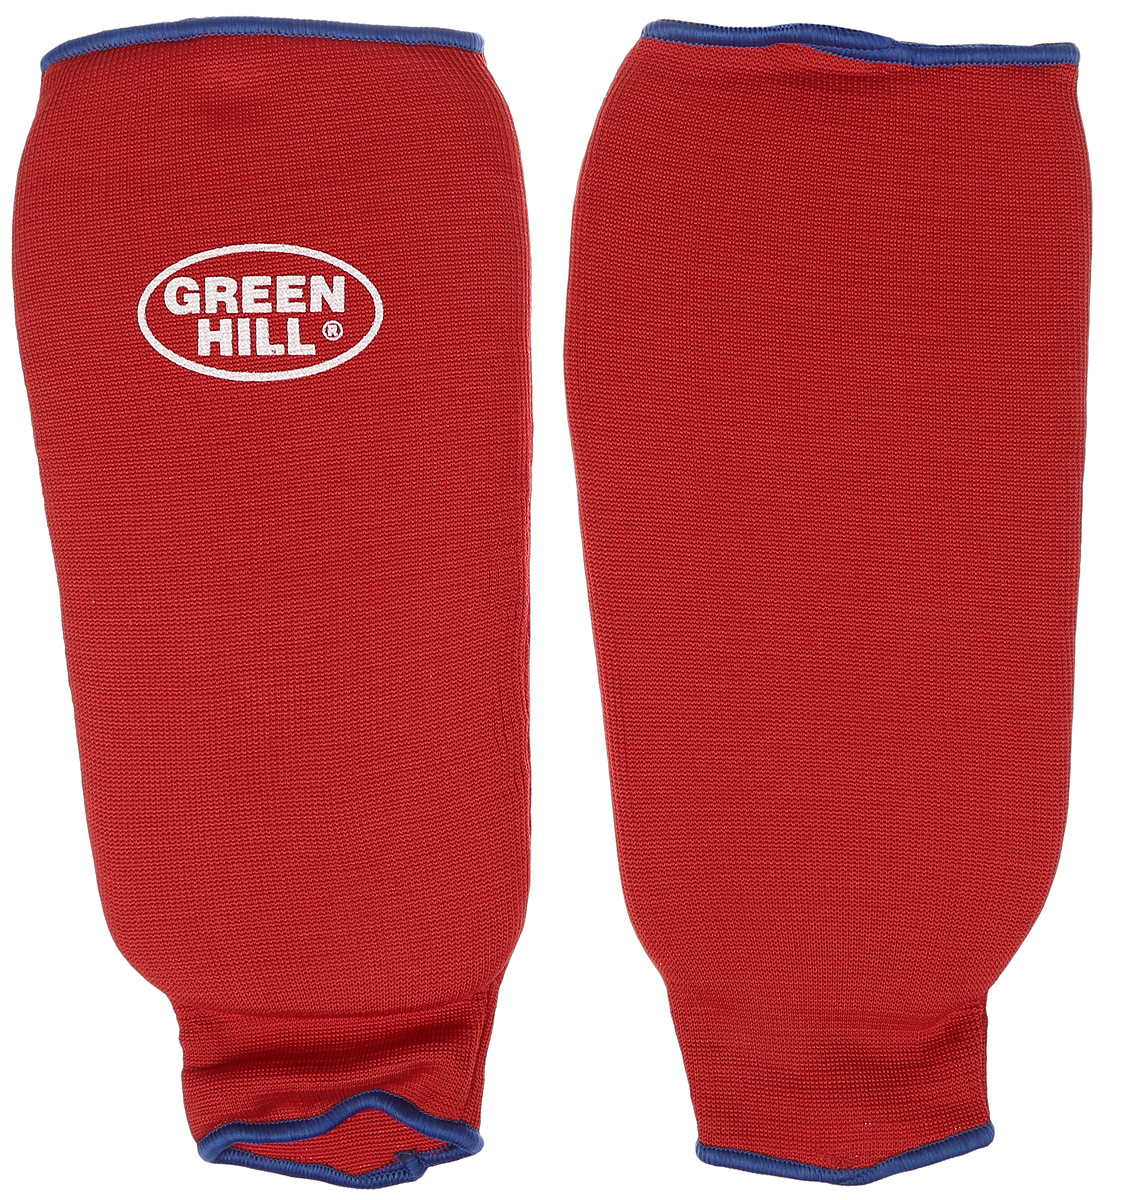 Защита голени Green Hill, цвет: красный, синий. Размер XL. SPC-6210